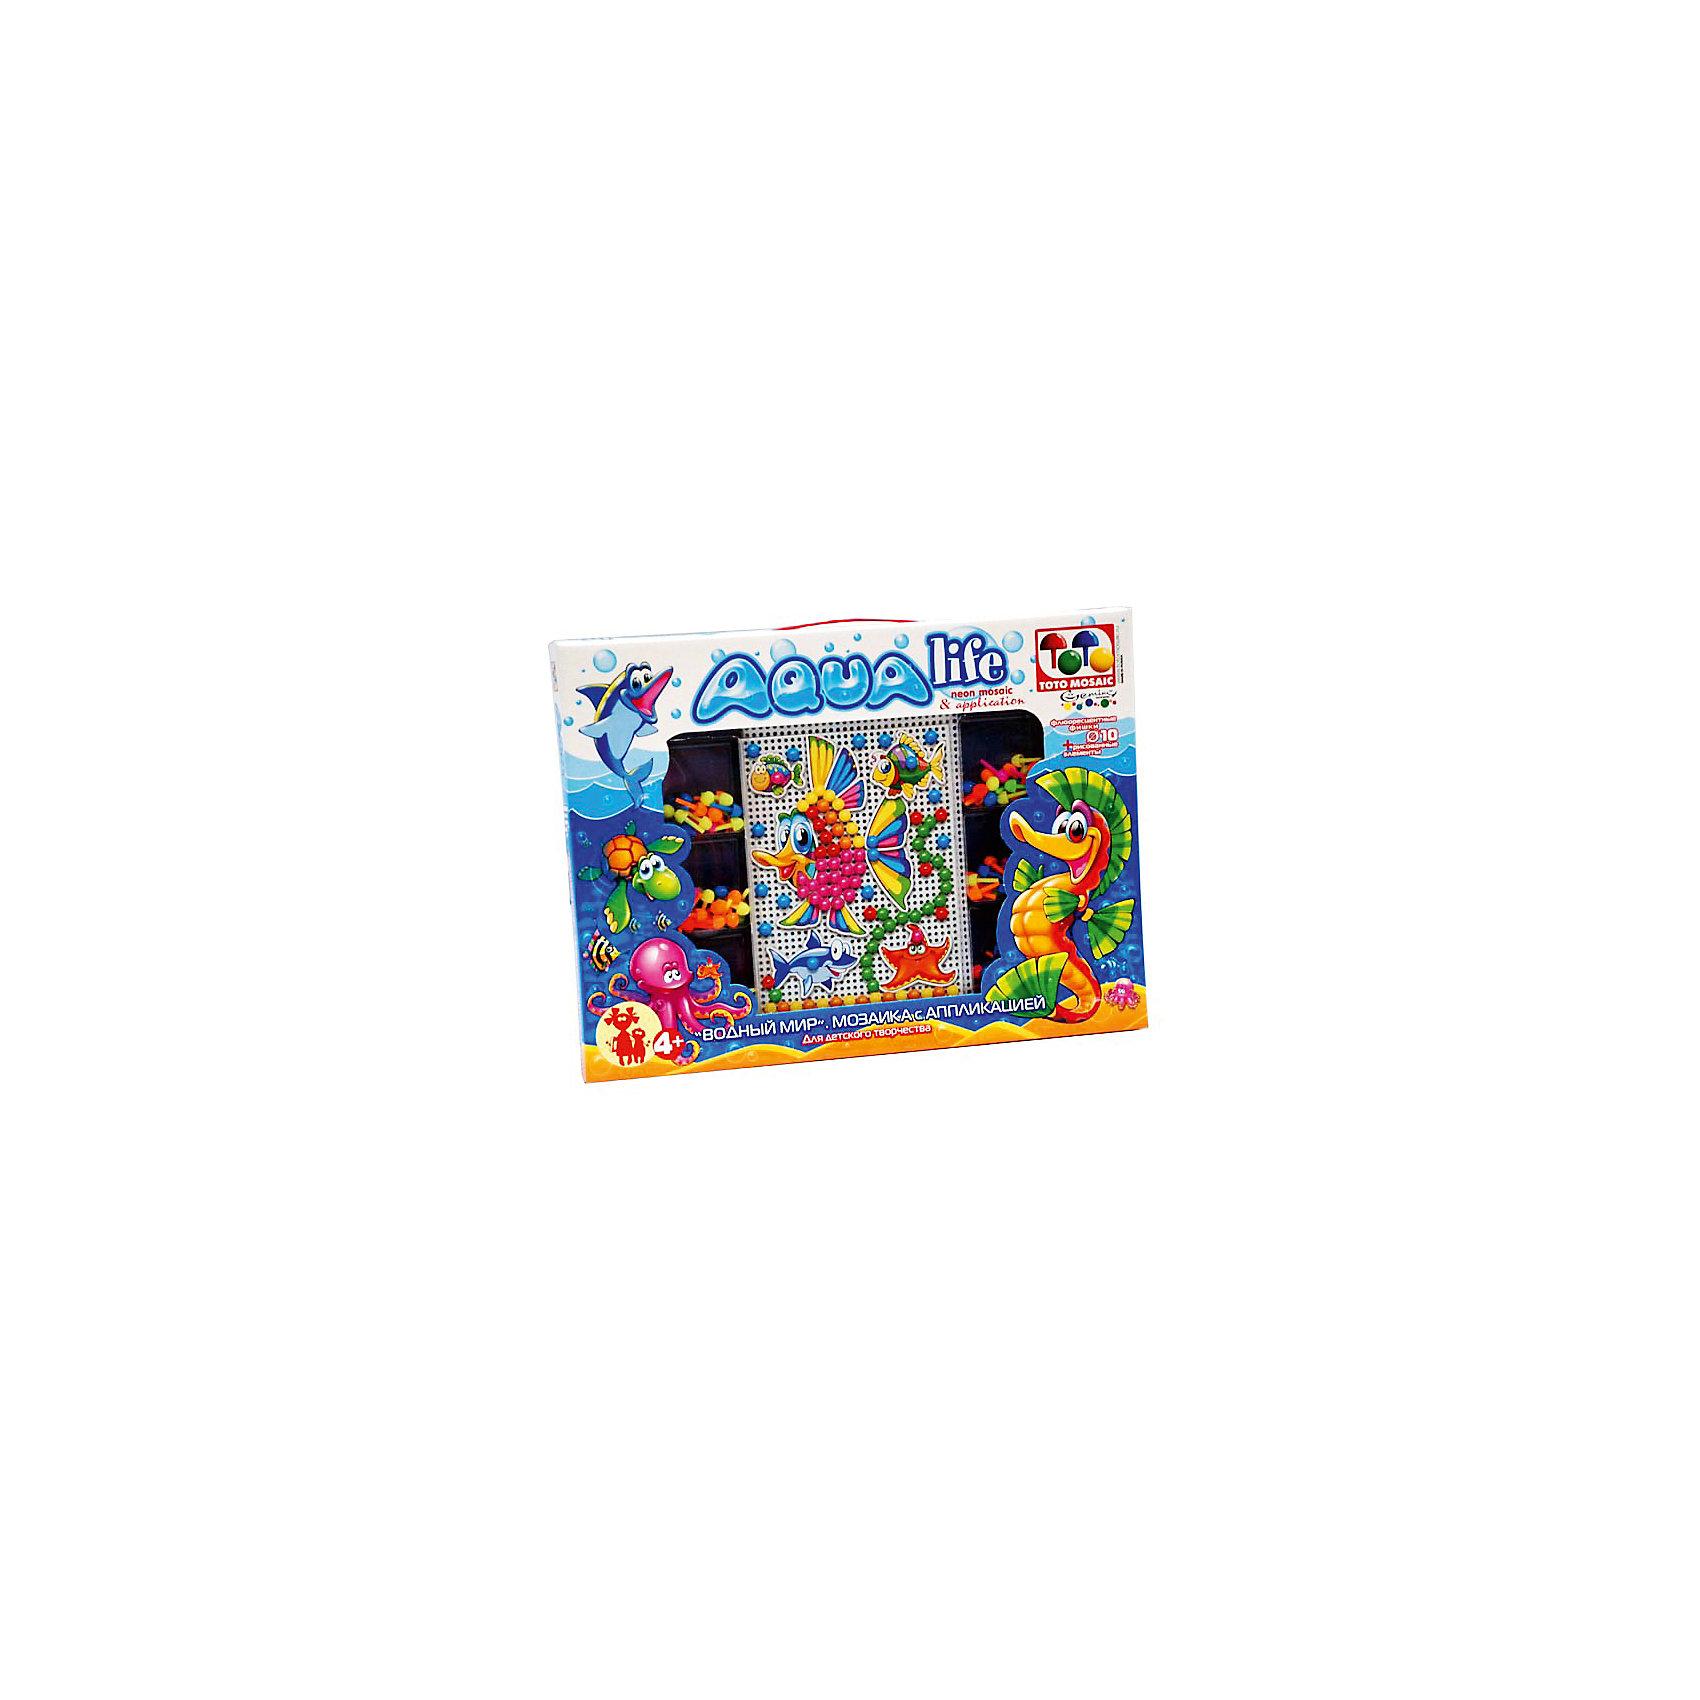 Toys Union Мозаика с аппликацией Водный мир, 140 деталей, д. 10 мм, Toys Union мозаика toys union зайчик